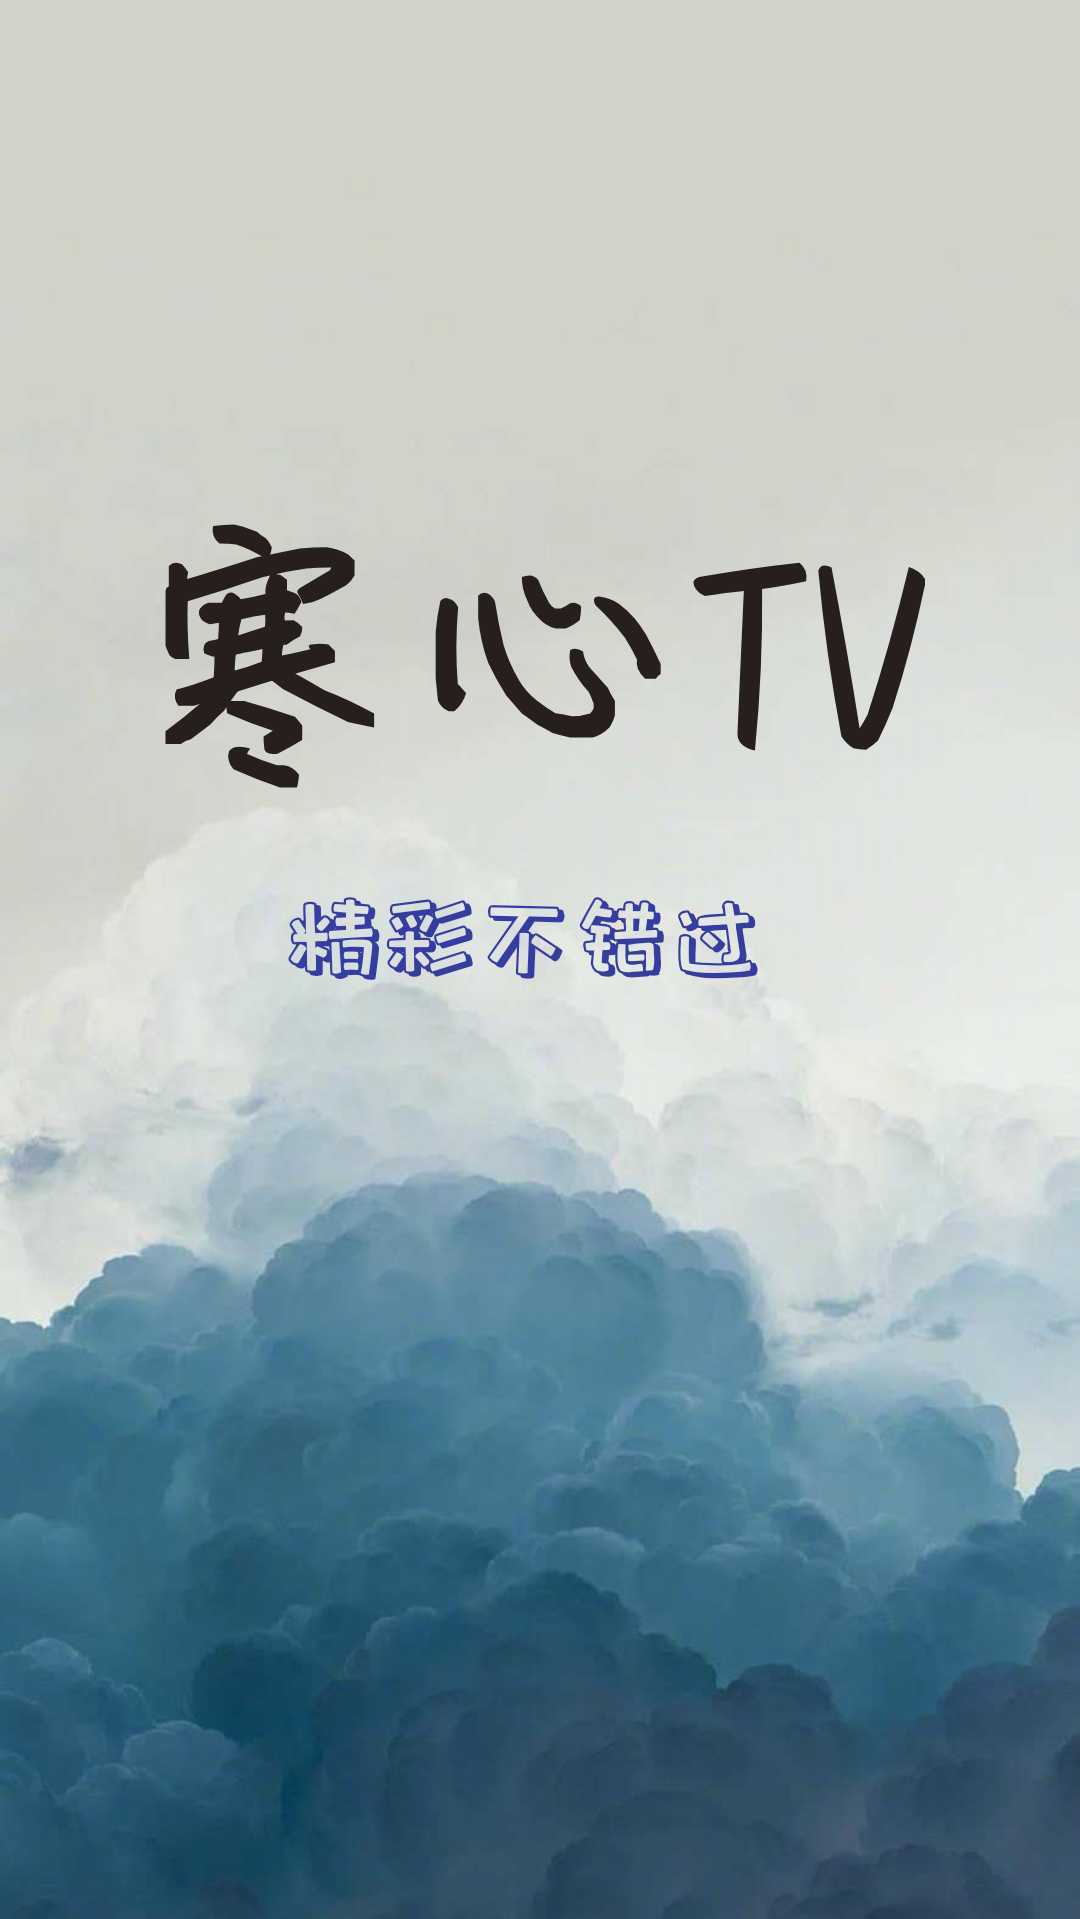 """【原创开发】寒心TV,v1.0精彩电视剧丶电影不容错过"""""""